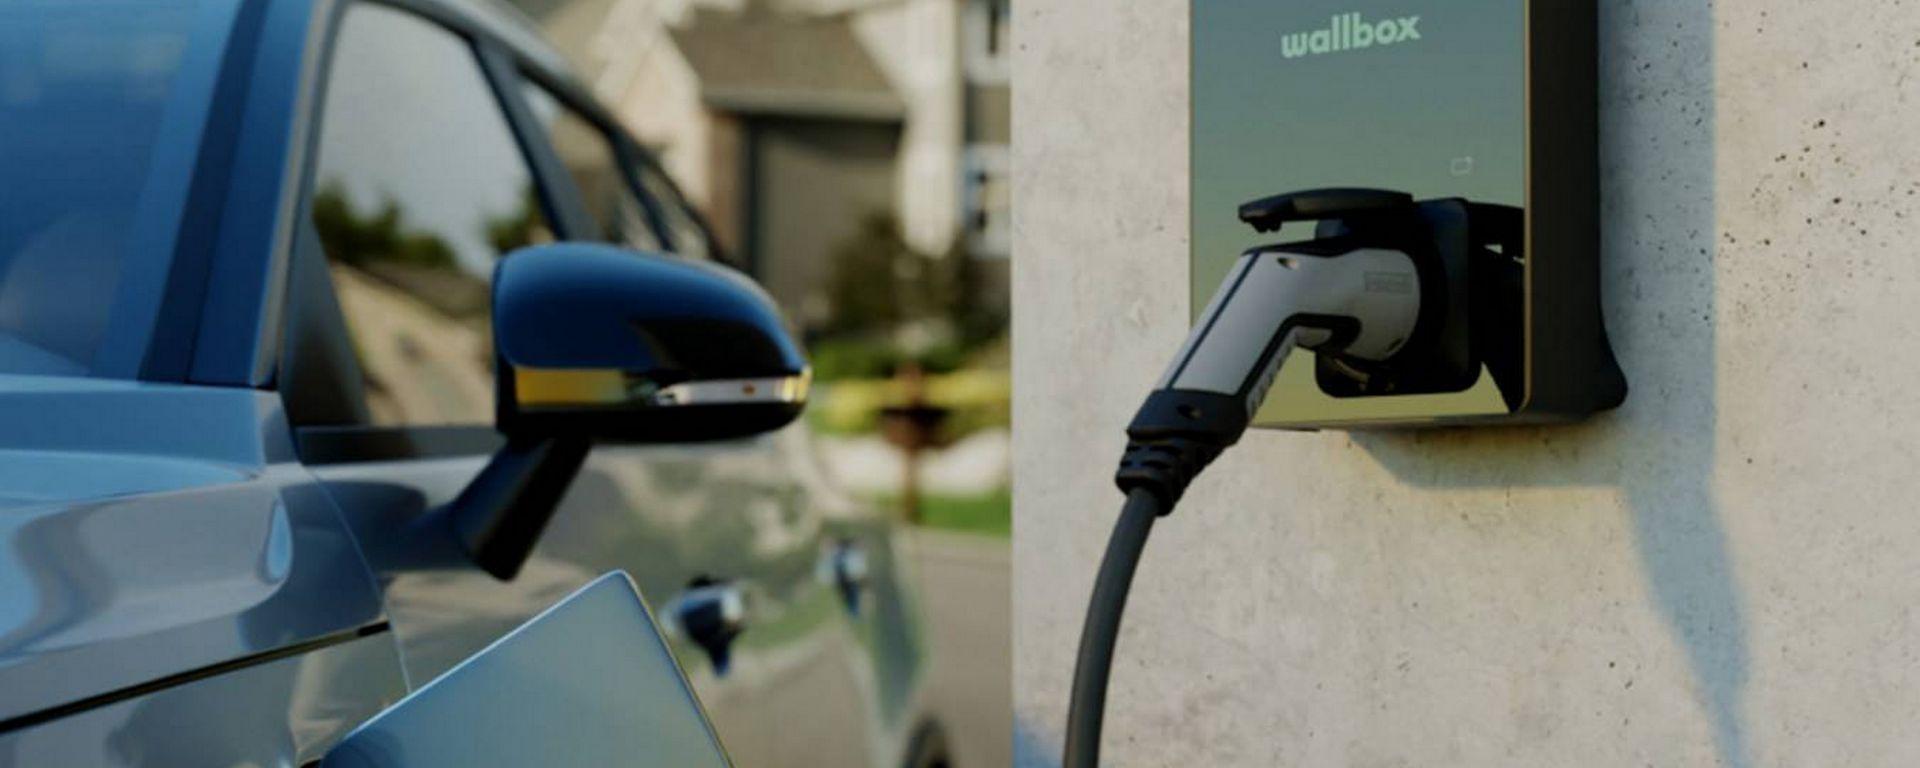 Auto elettrica, la diffusione passa (anche) dai sistemi di ricarica domestica